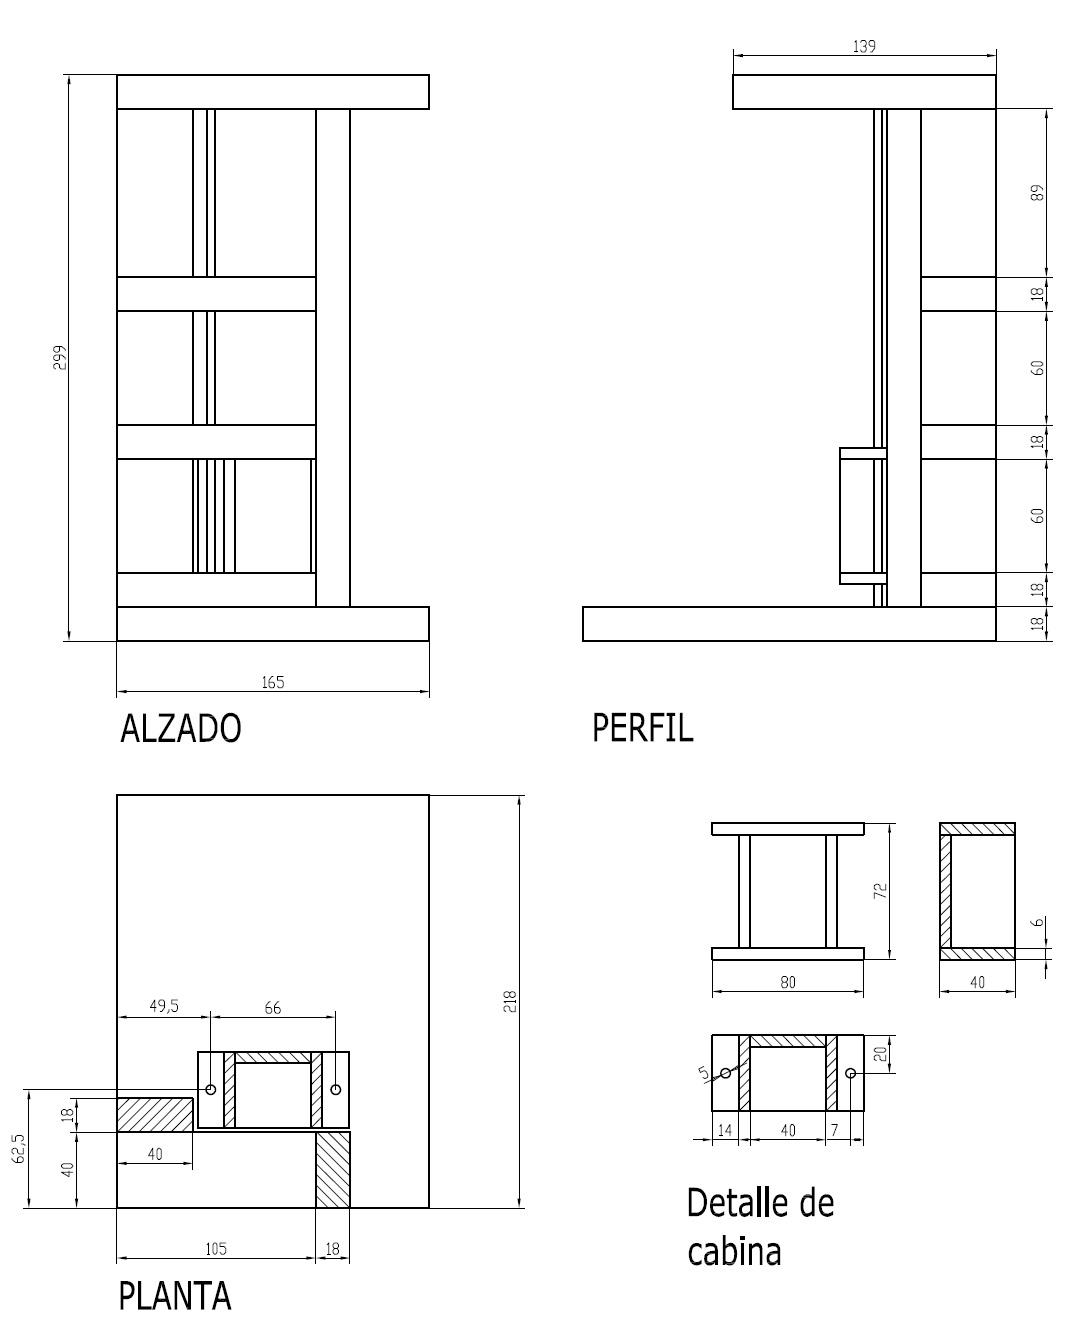 El elevador for Simbologia de muebles para planos